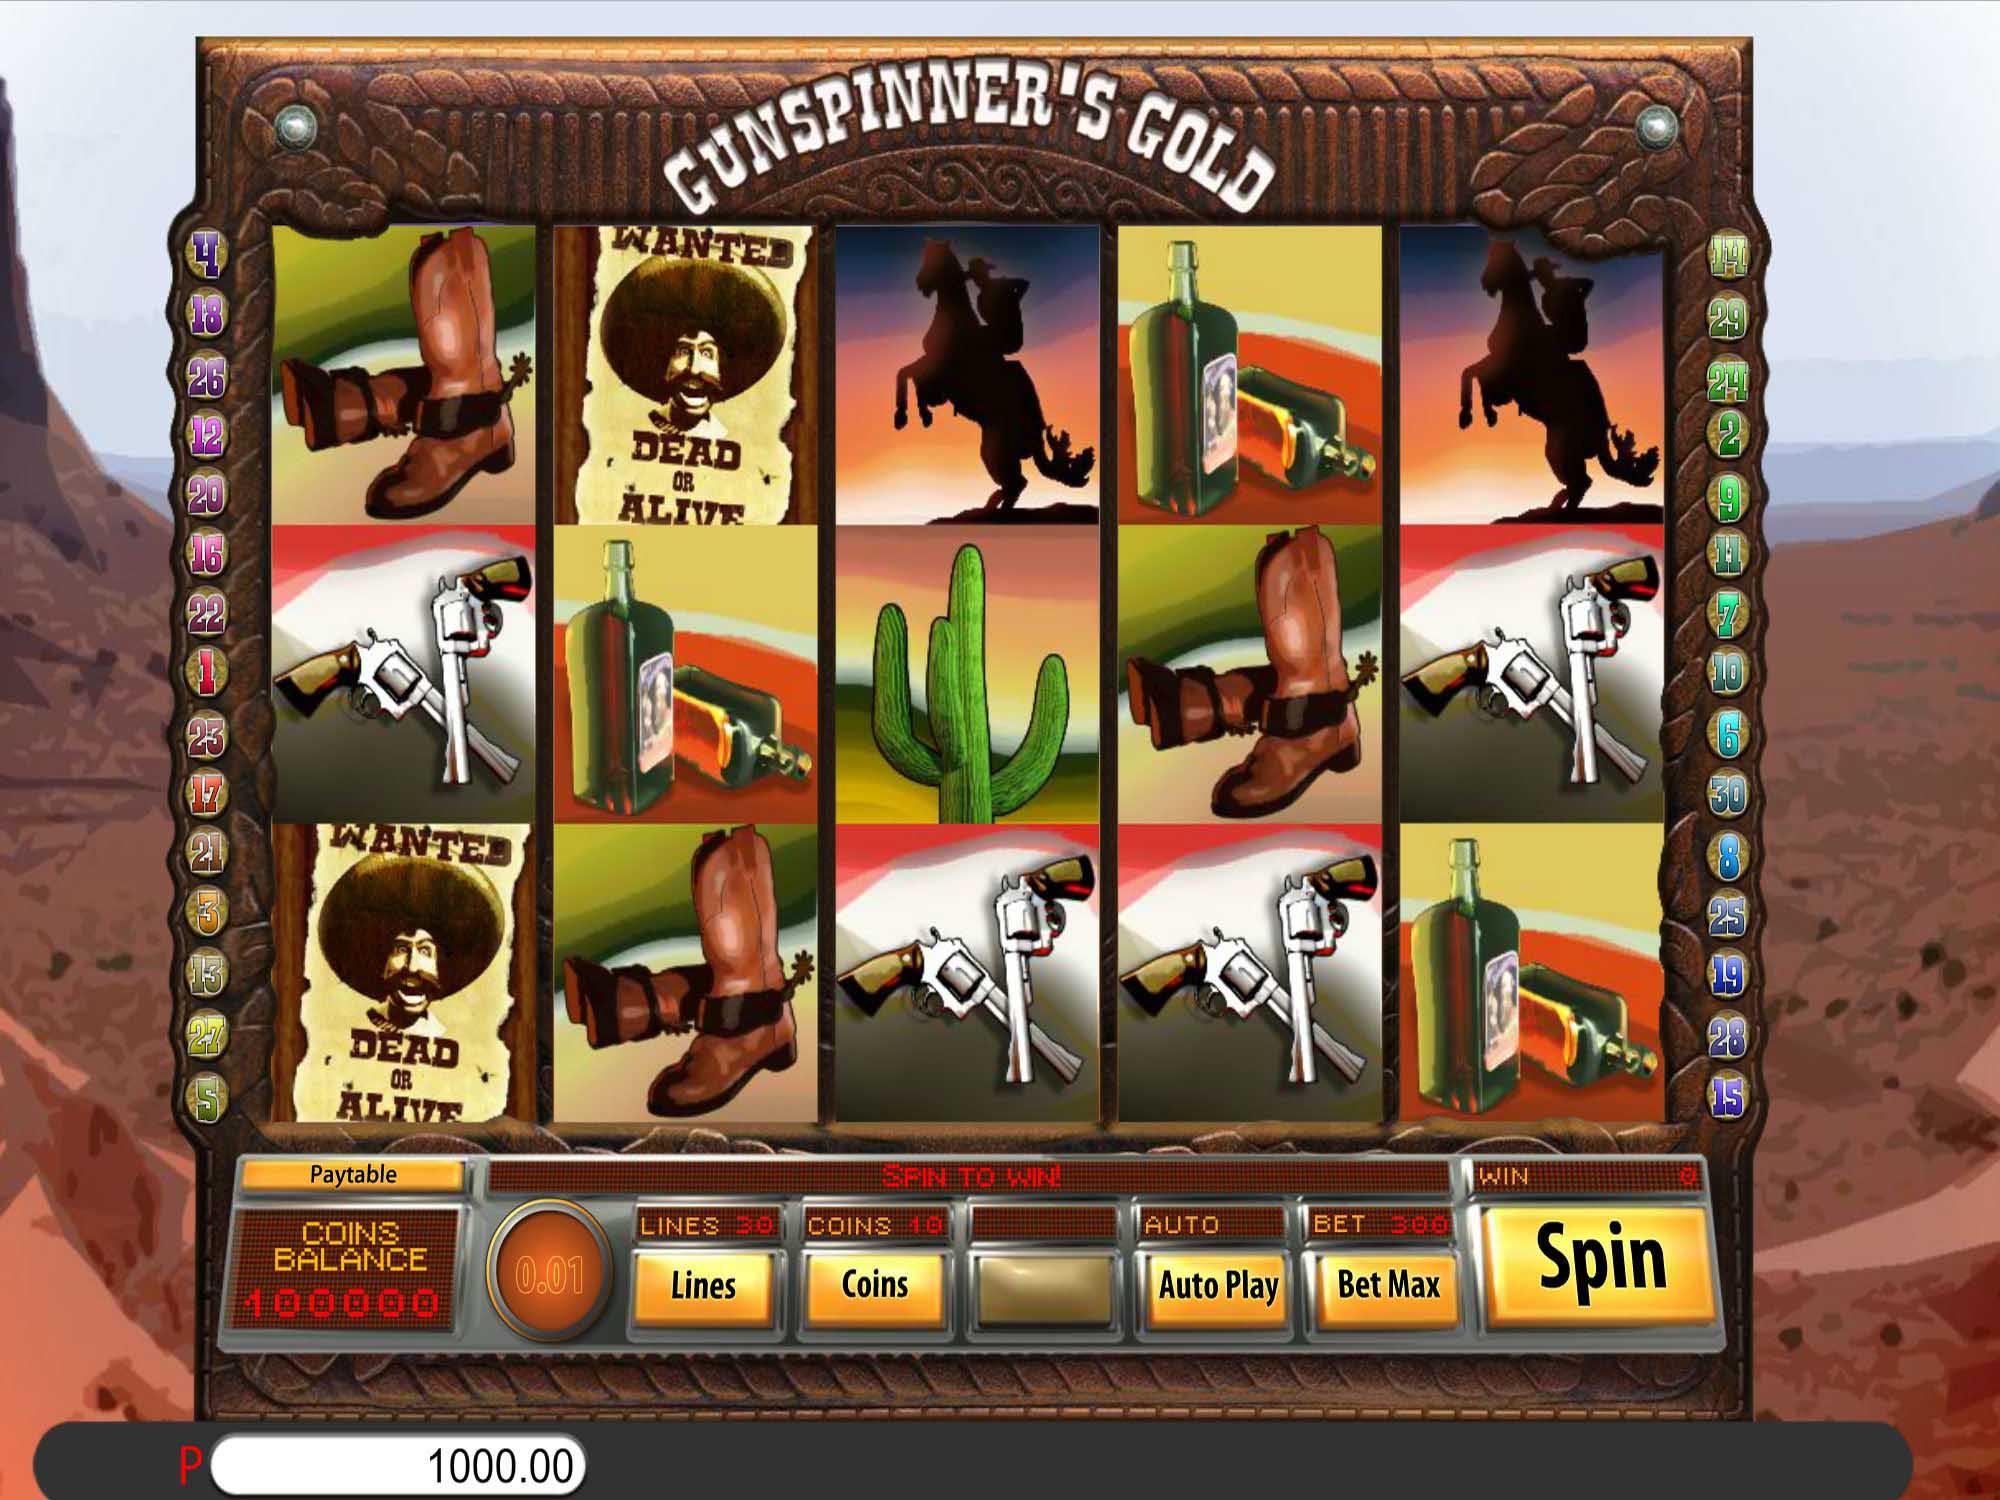 Gunspinner's Gold Slot Game Play